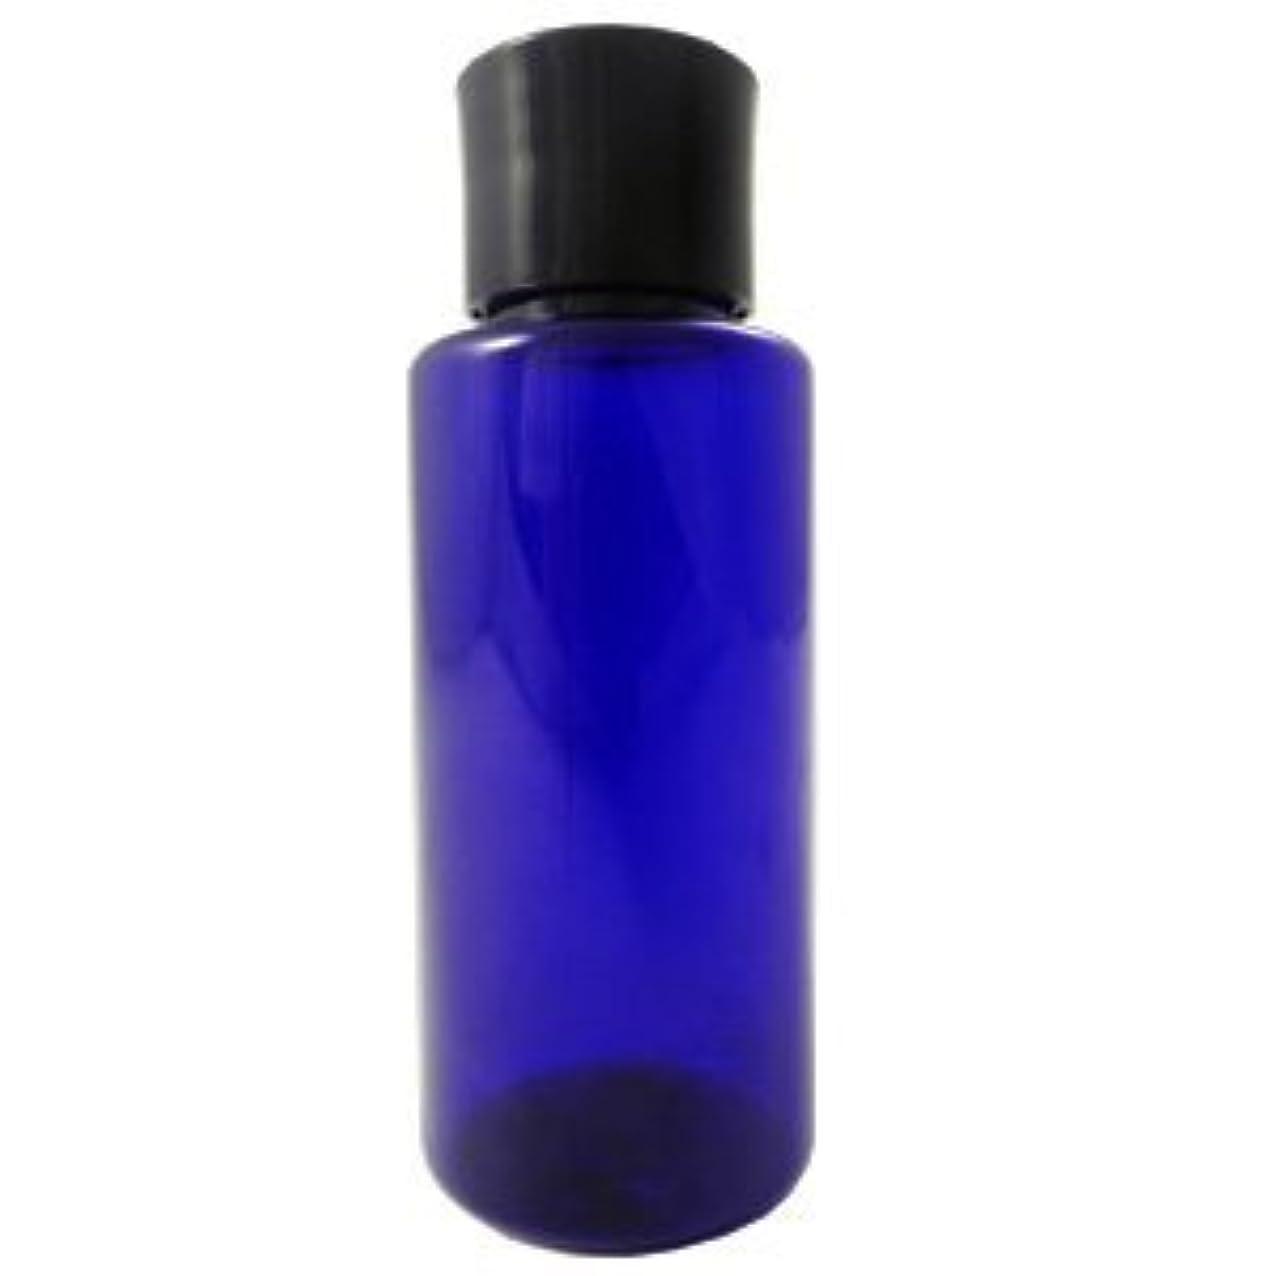 支店重要タイムリーなPETボトル コバルトブルー (青) 50ml *化粧水用中栓